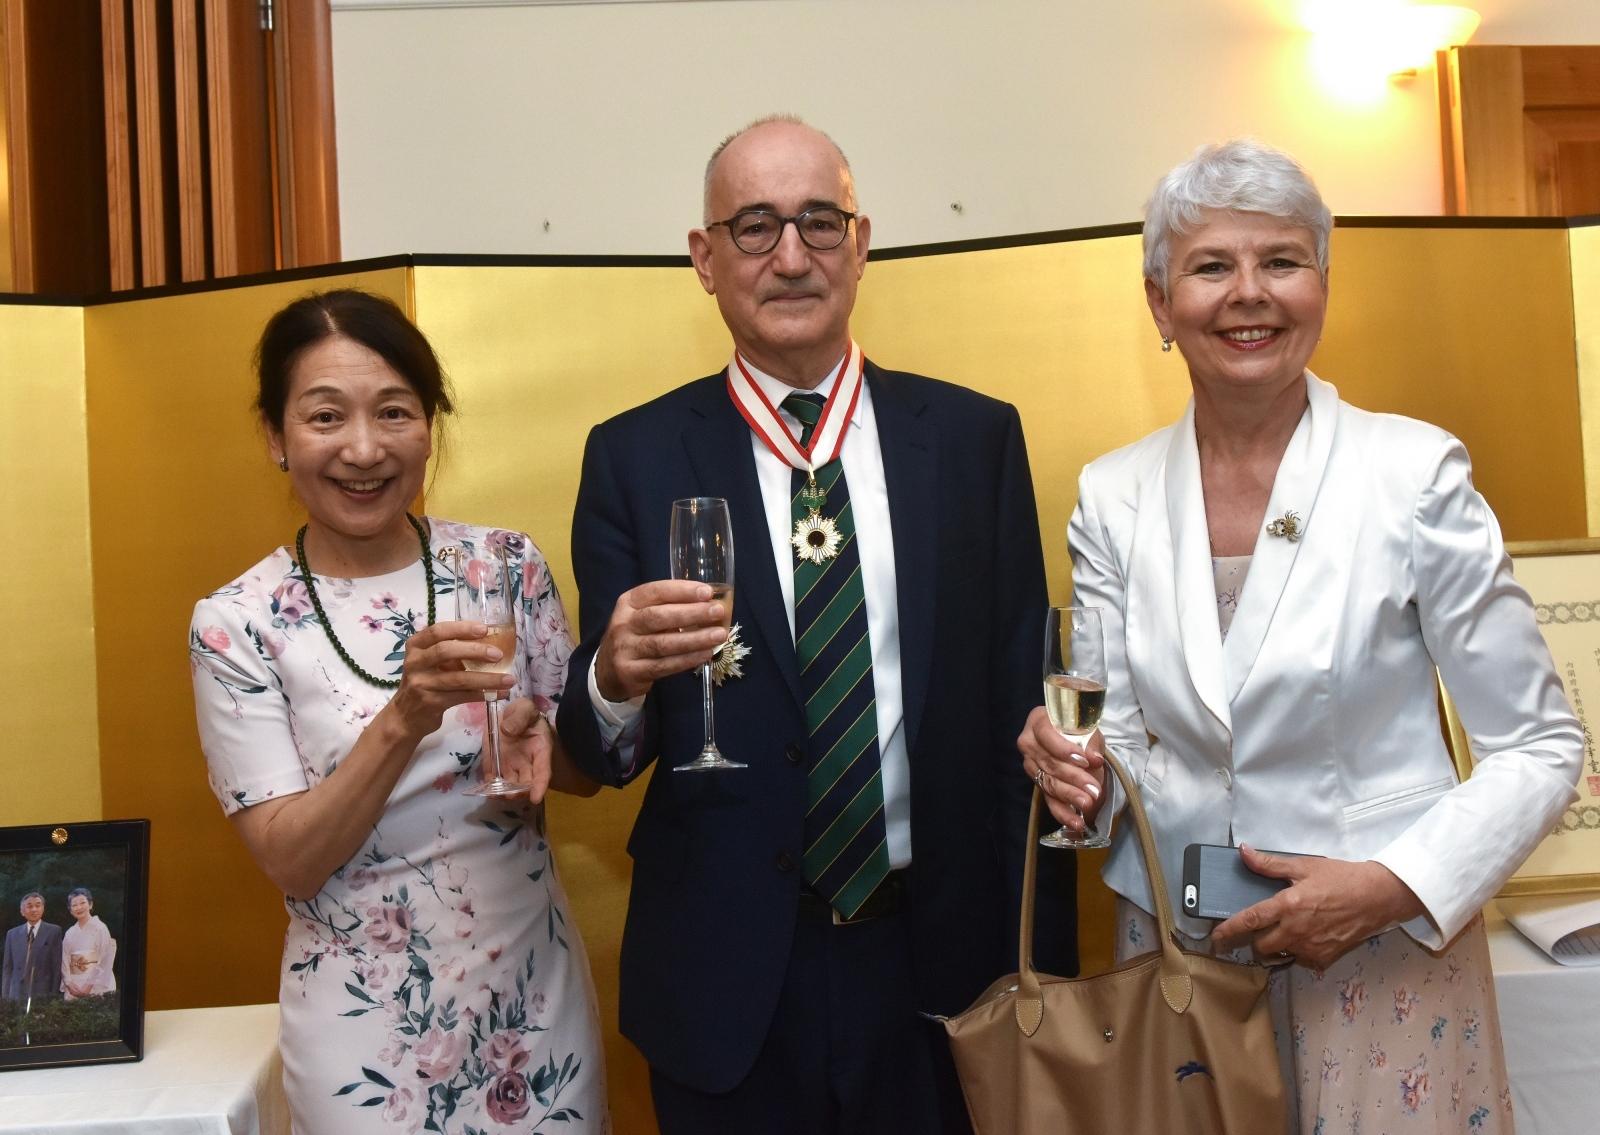 Drago Štambuk primio Orden izlazećeg sunca za promicanje japanske kulture u svijetu